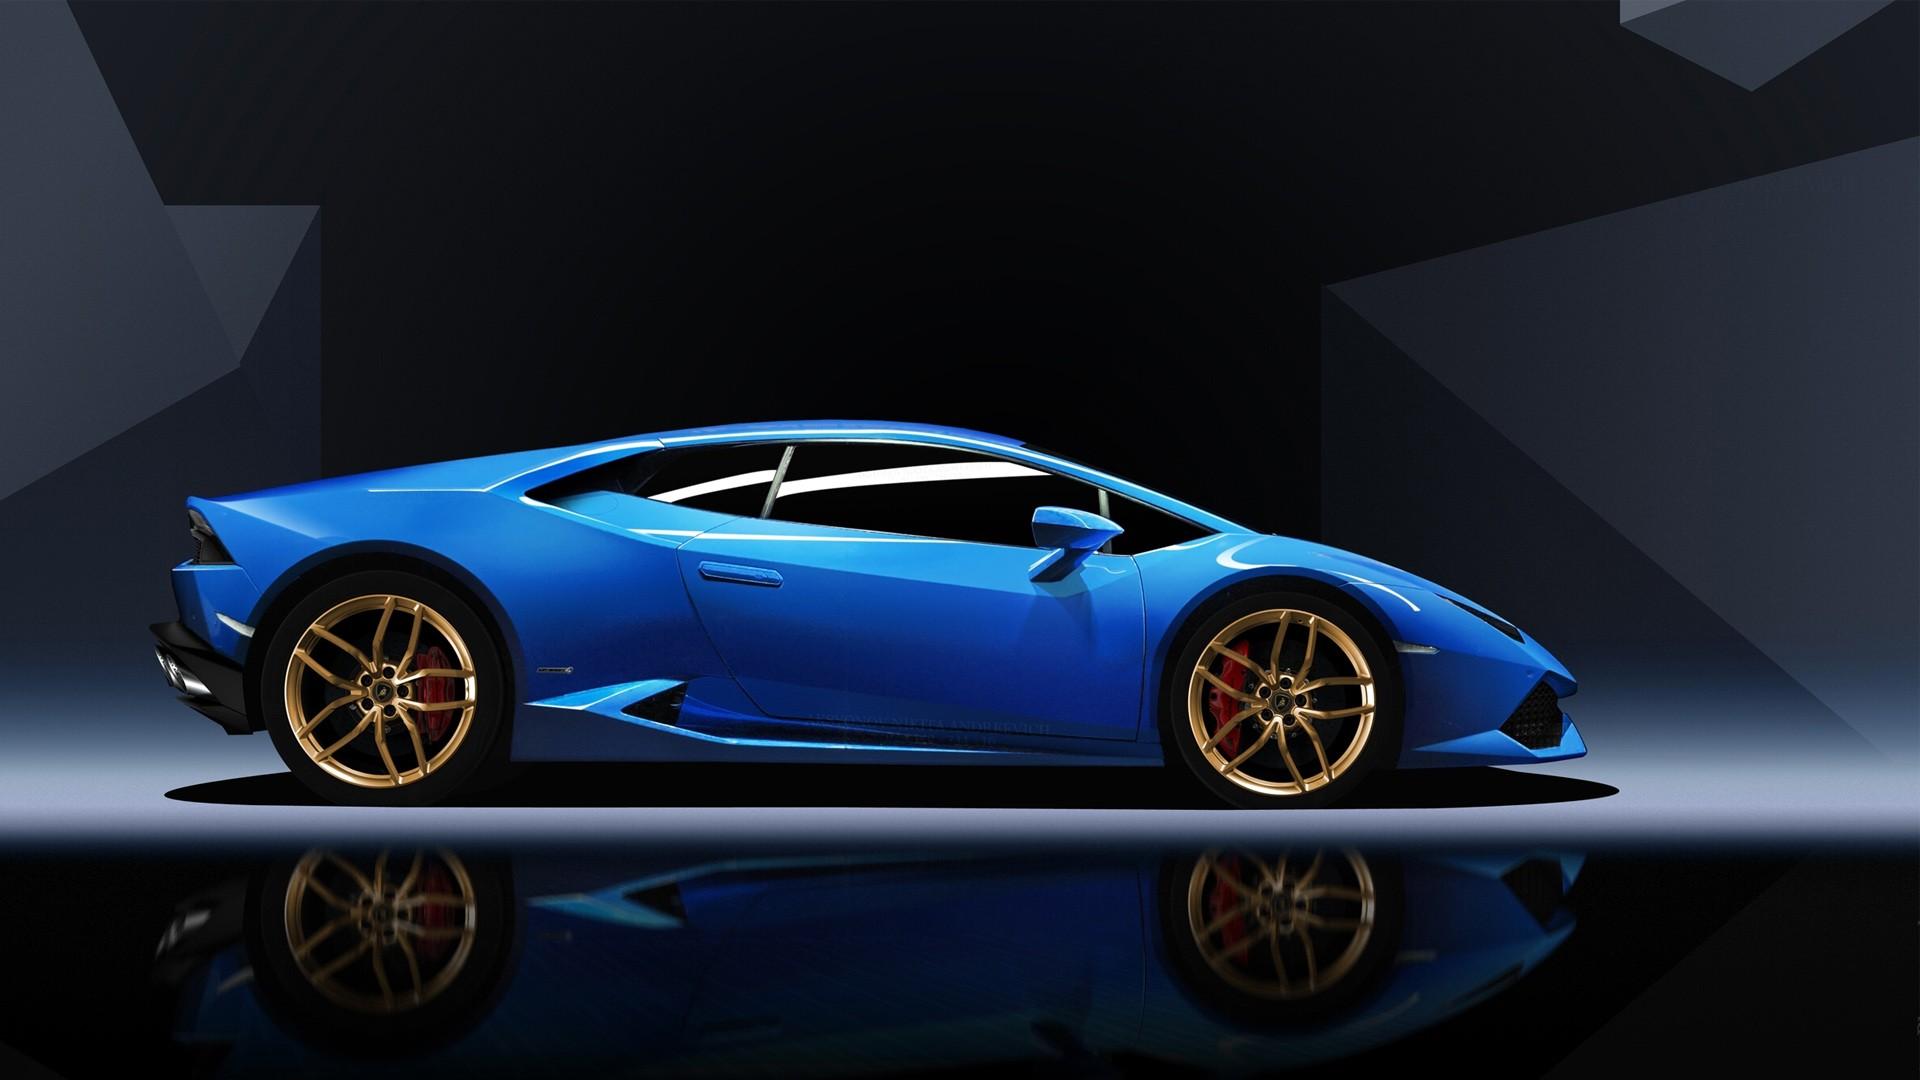 Car Wallpapers Hd 2015 Download Blue Lamborghini Huracan Wallpaper Hd Car Wallpapers